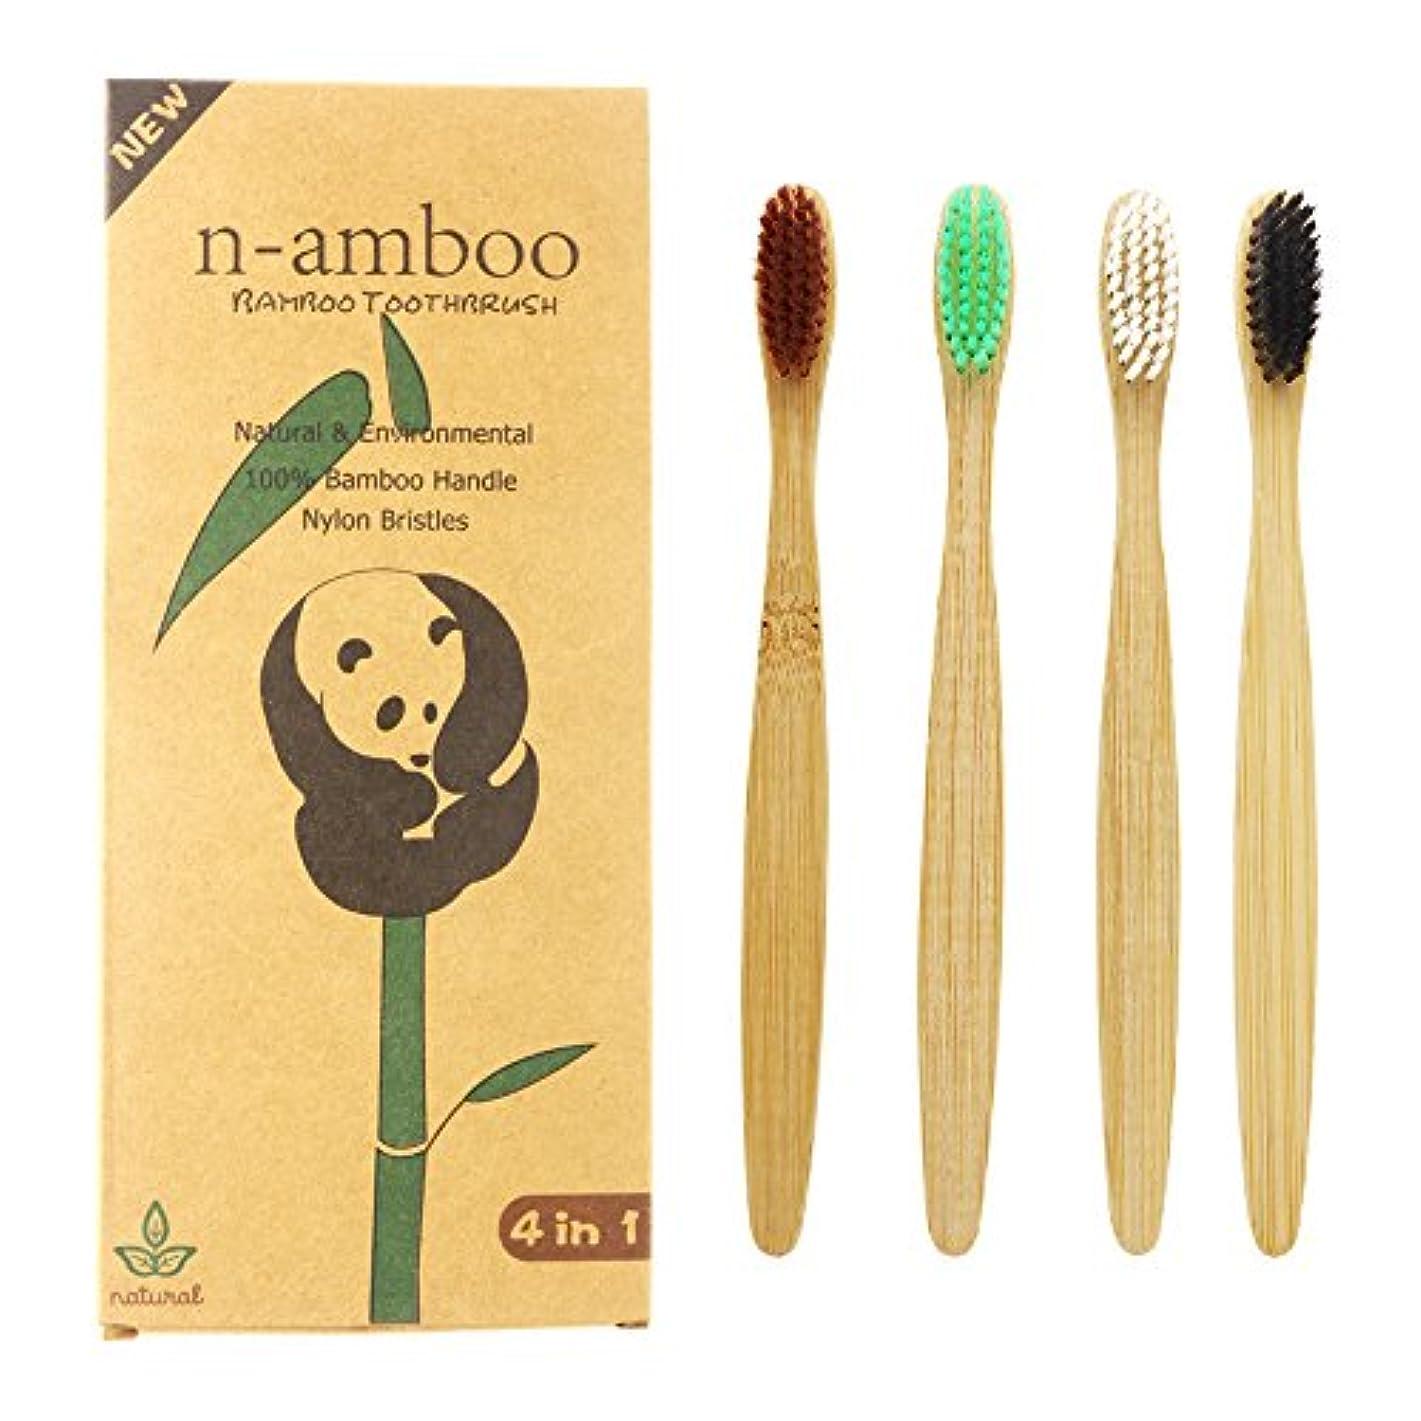 びっくりしたシャー暴動N-amboo 竹製 歯ブラシ 高耐久性 4種類 4色セット エコ 軽量 4本入りセット